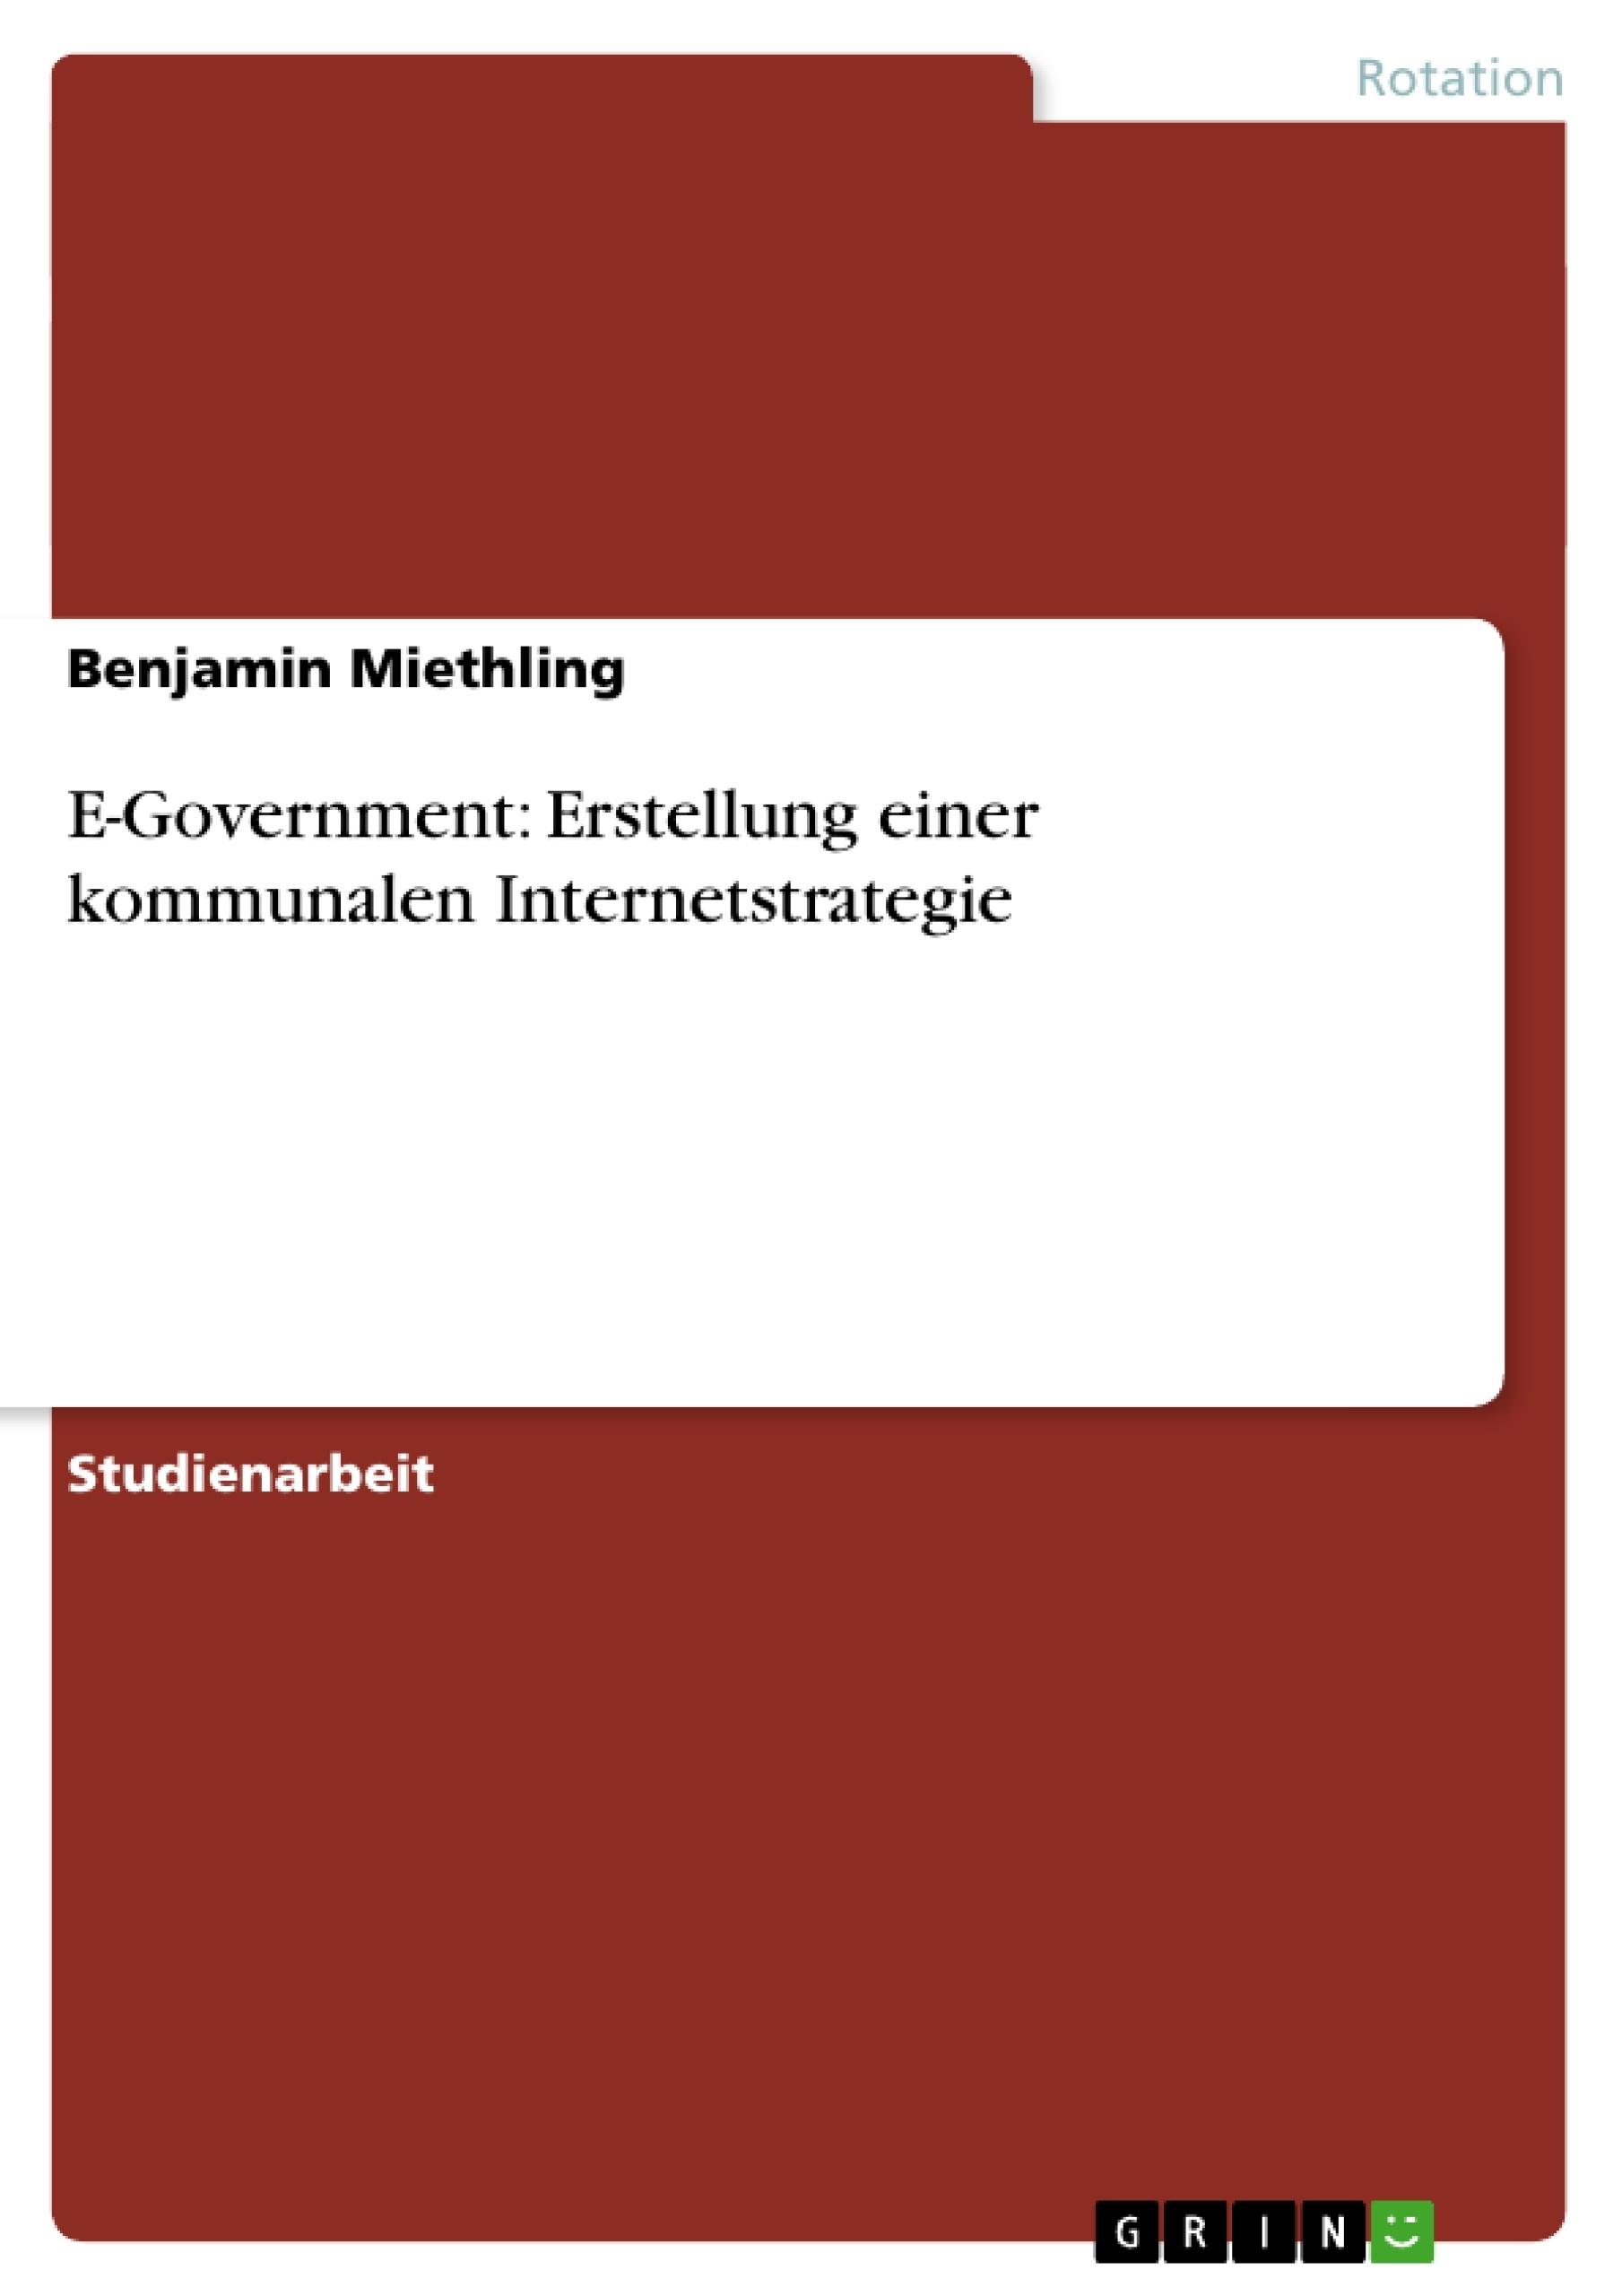 Titel: E-Government: Erstellung einer kommunalen Internetstrategie